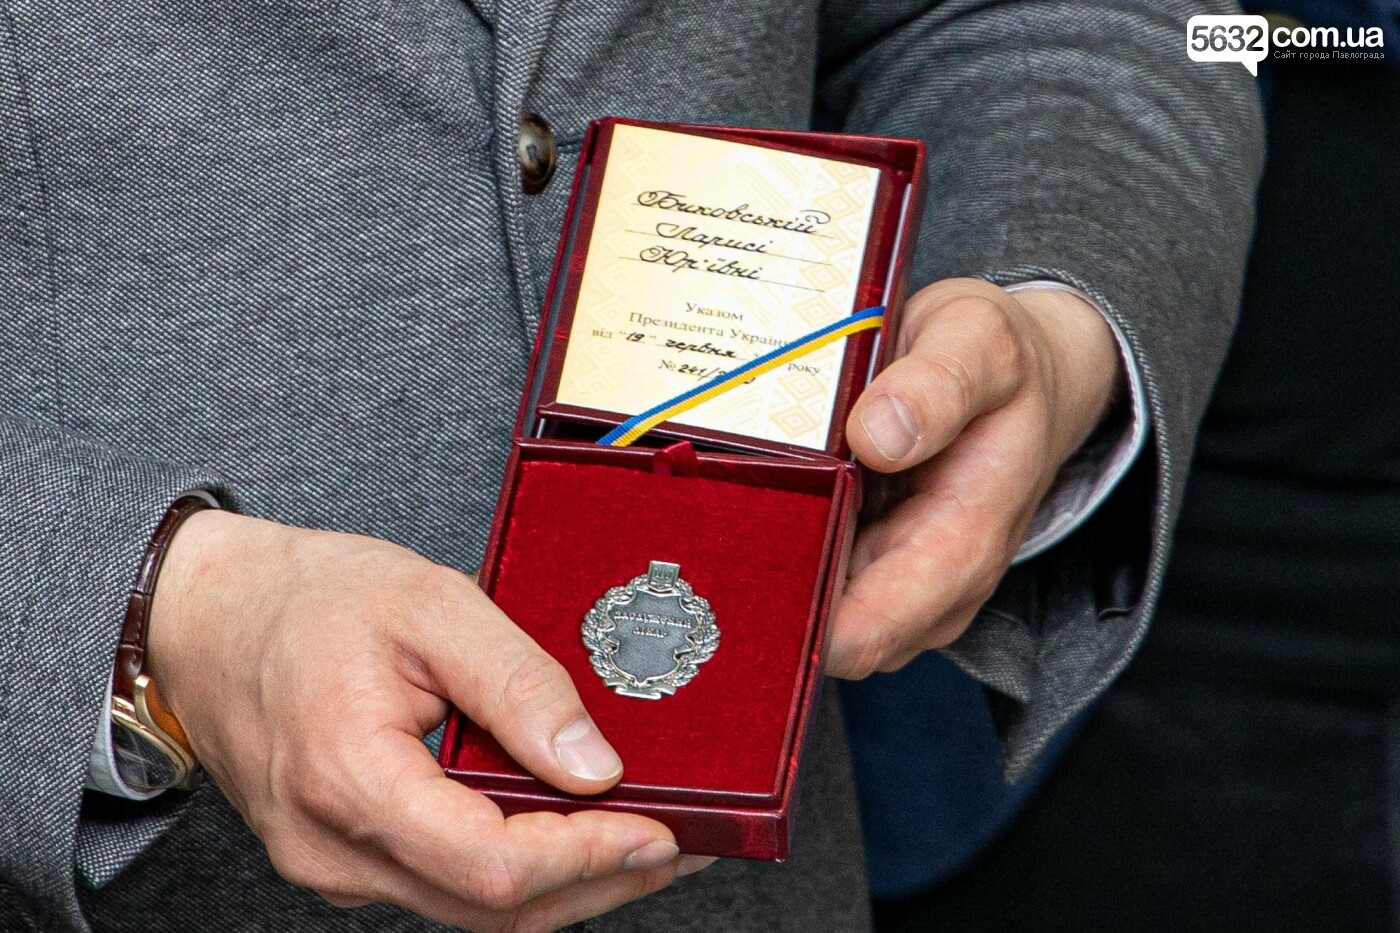 Семейный доктор из Павлограда получила звание «Заслуженный врач Украины», фото-5